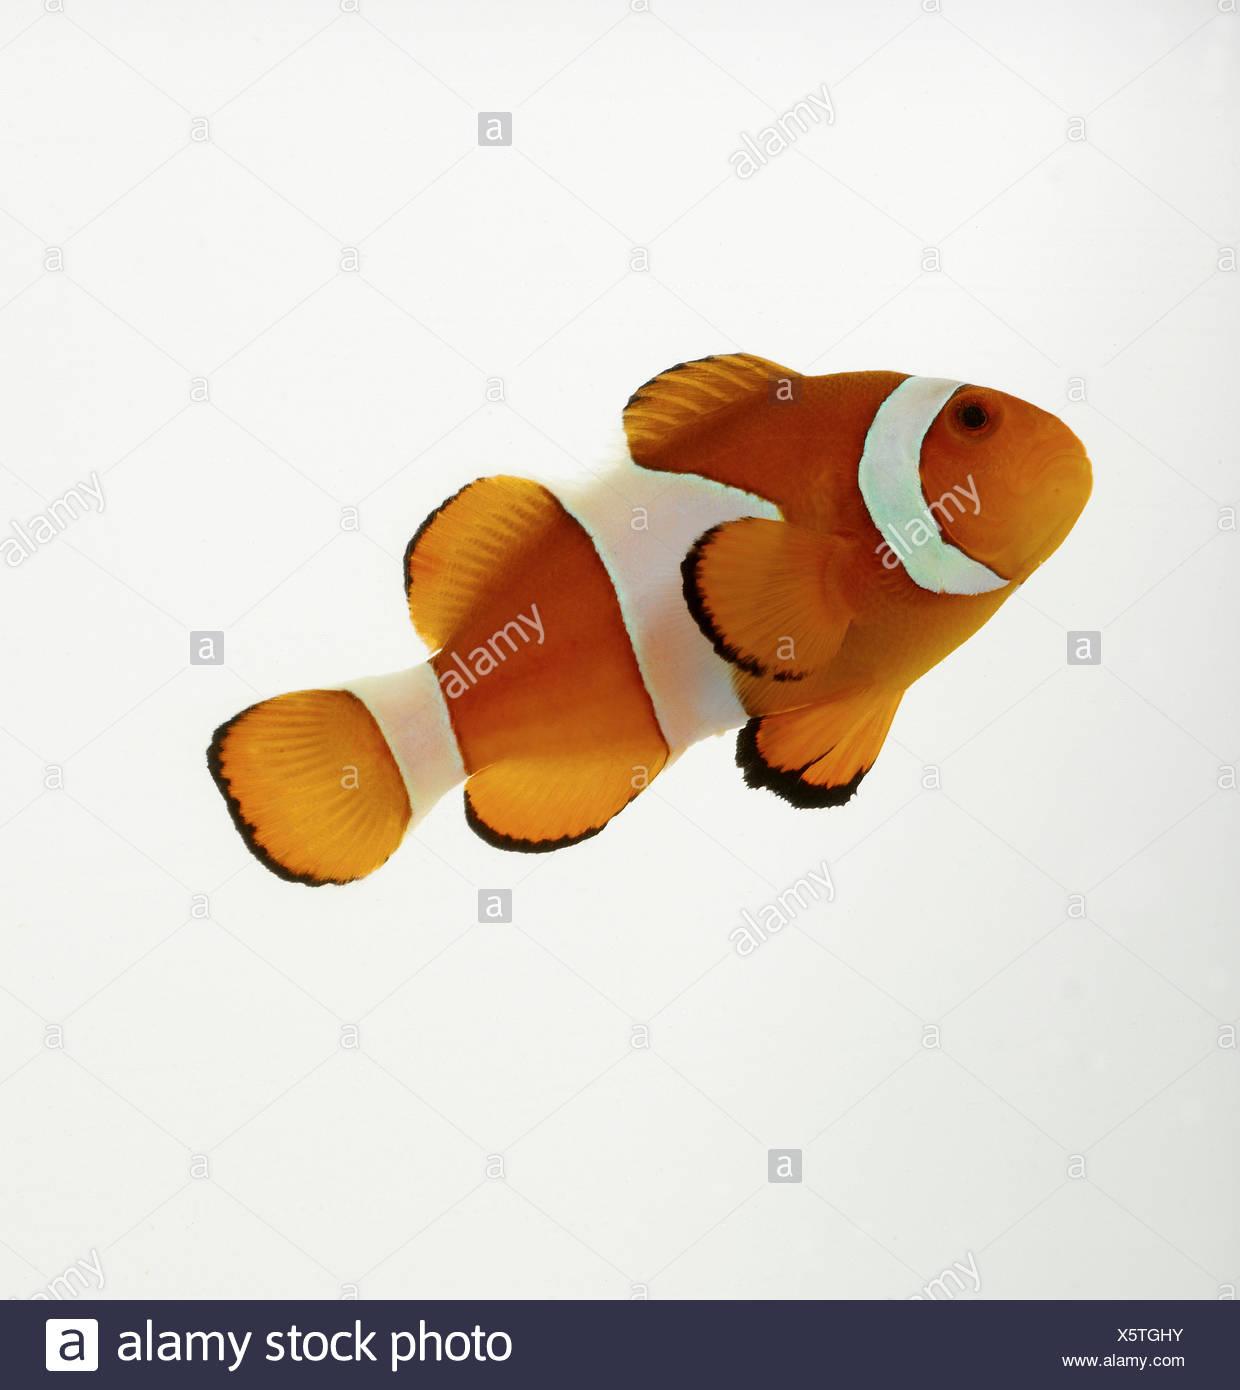 Clown Fish Stock Photos & Clown Fish Stock Images - Alamy